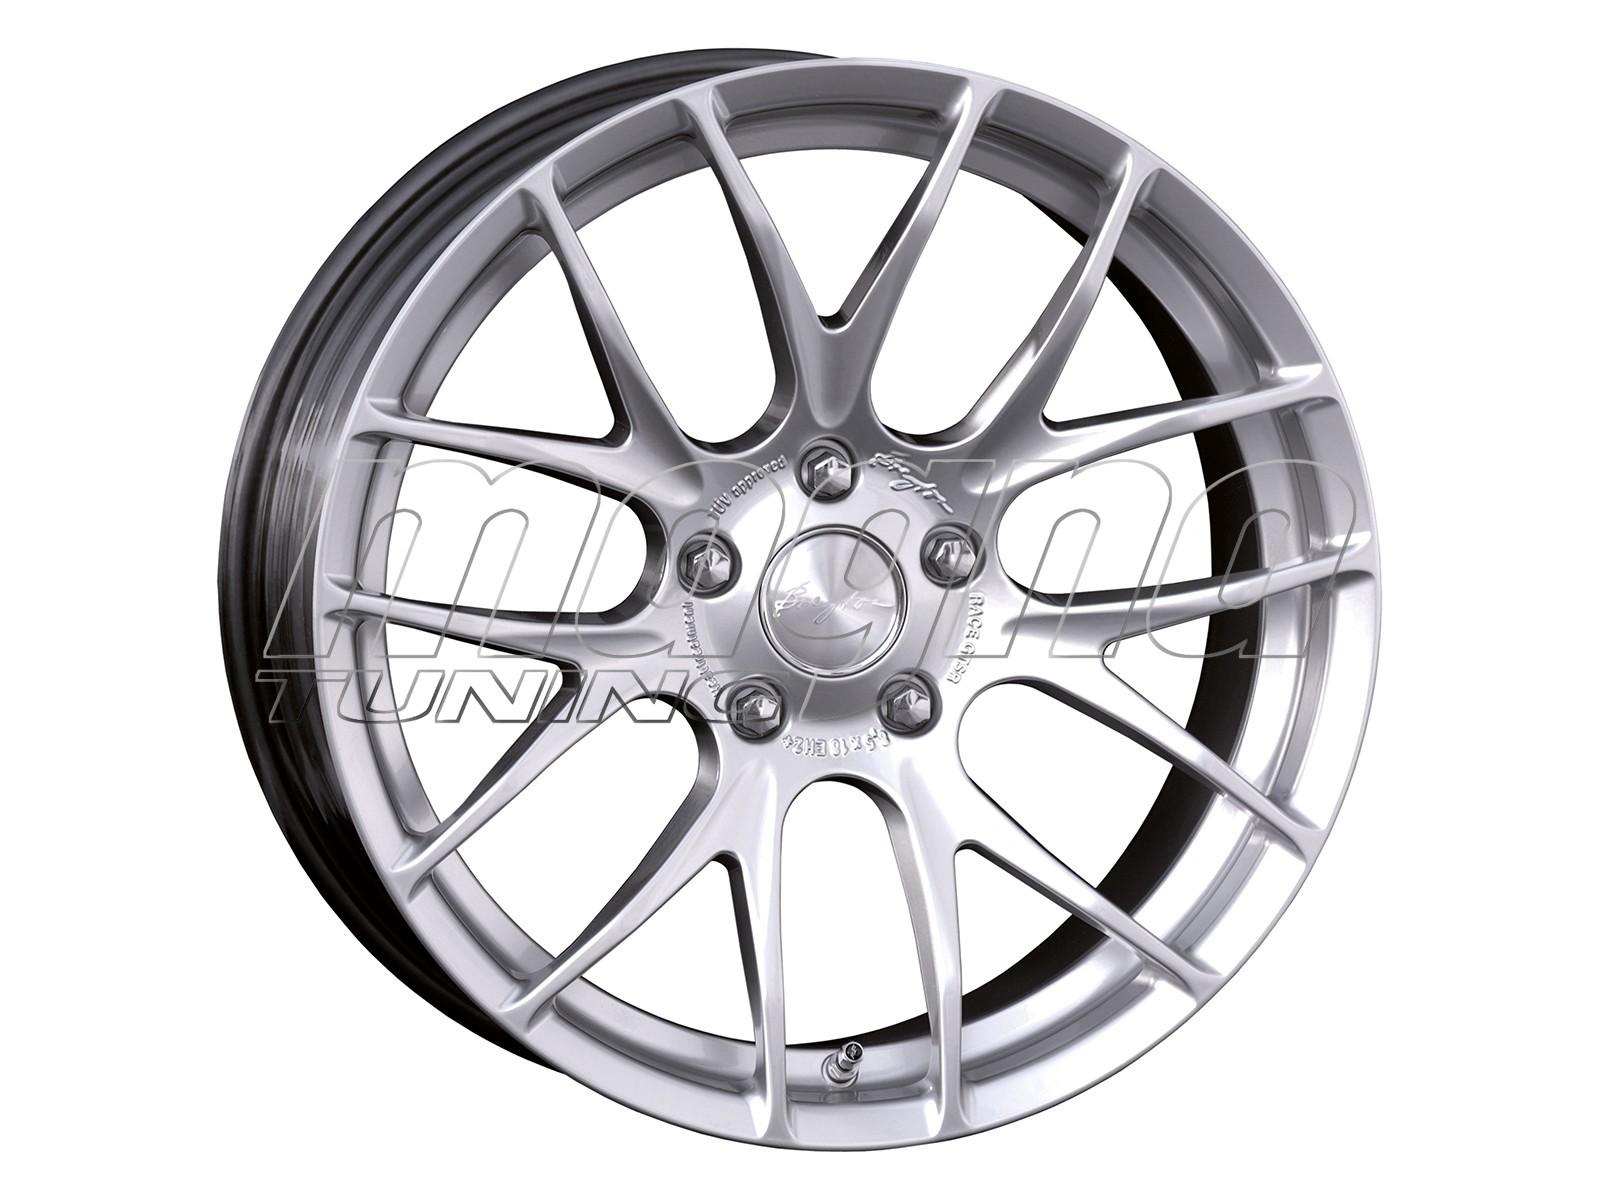 Breyton Race GTS-R Hyper Silver Wheel 17x7 5x112 ET48 PROMO